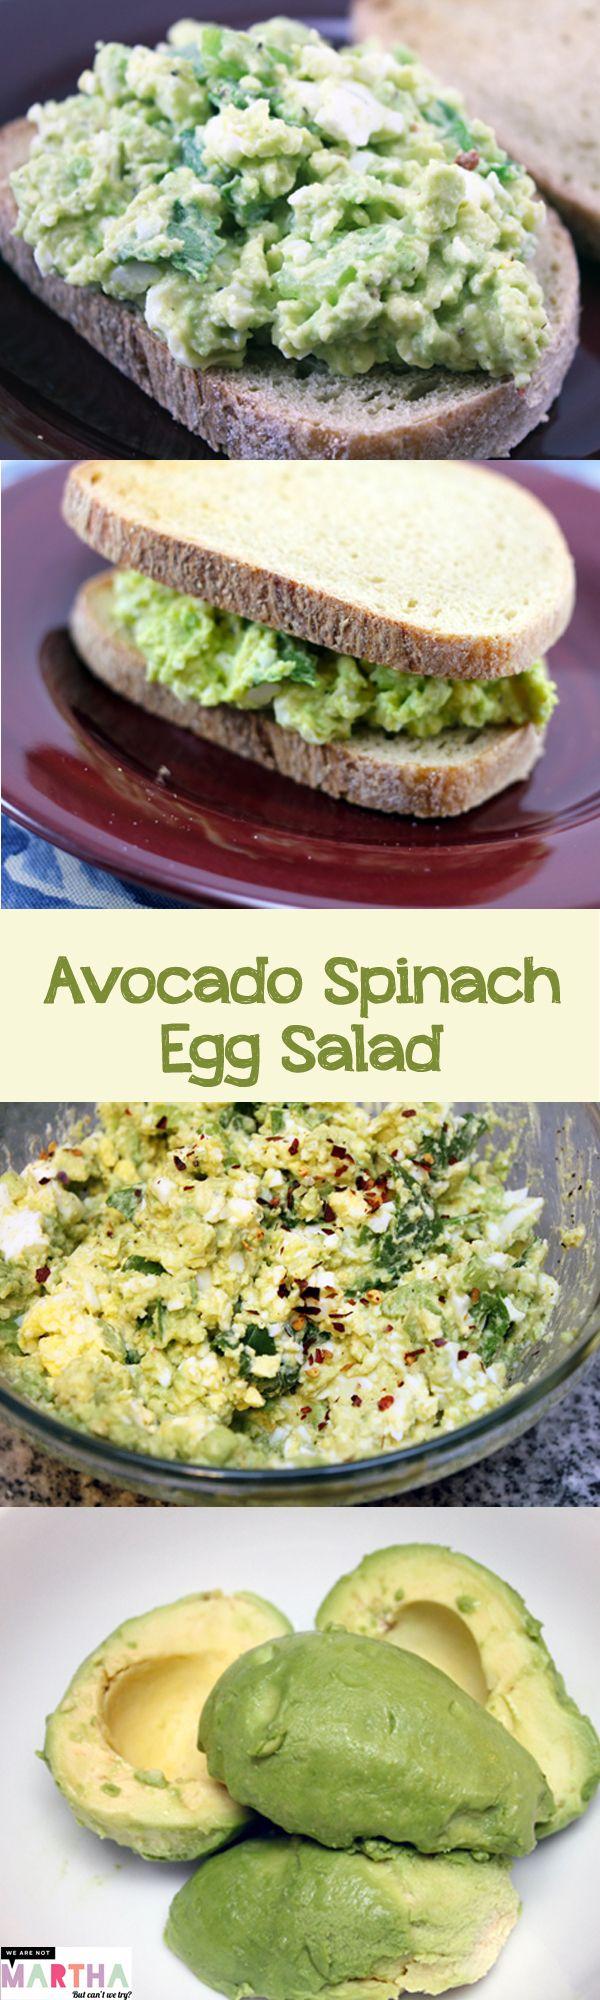 Avocado Spinach Egg Salad -- A healthier (and more delicious!) egg salad | wearenotmartha.com